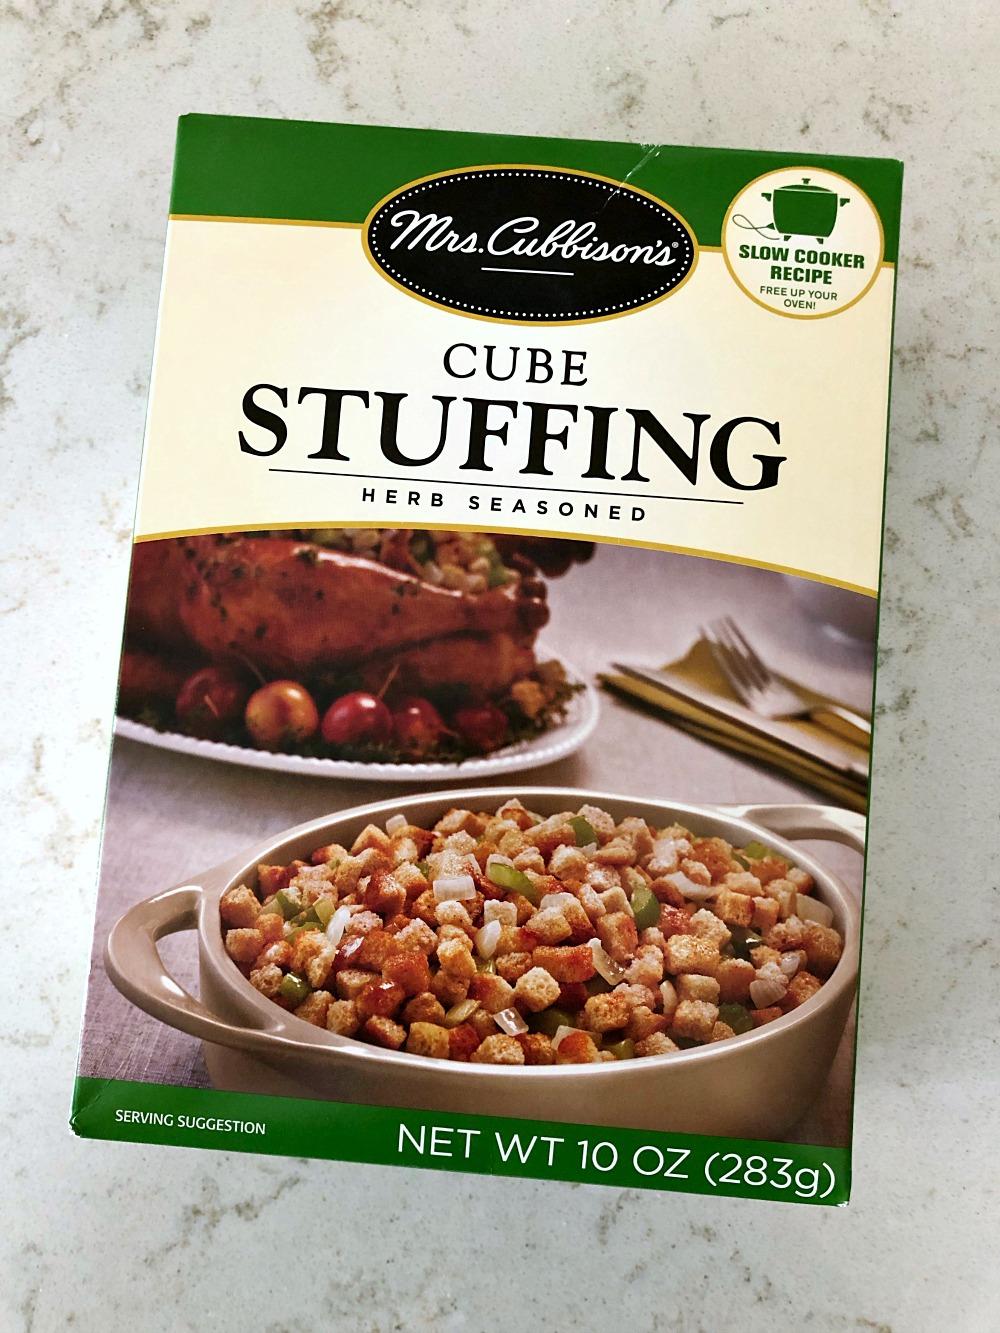 Mrs. Cubbison's Cube Stuffing Box - 10 ounces